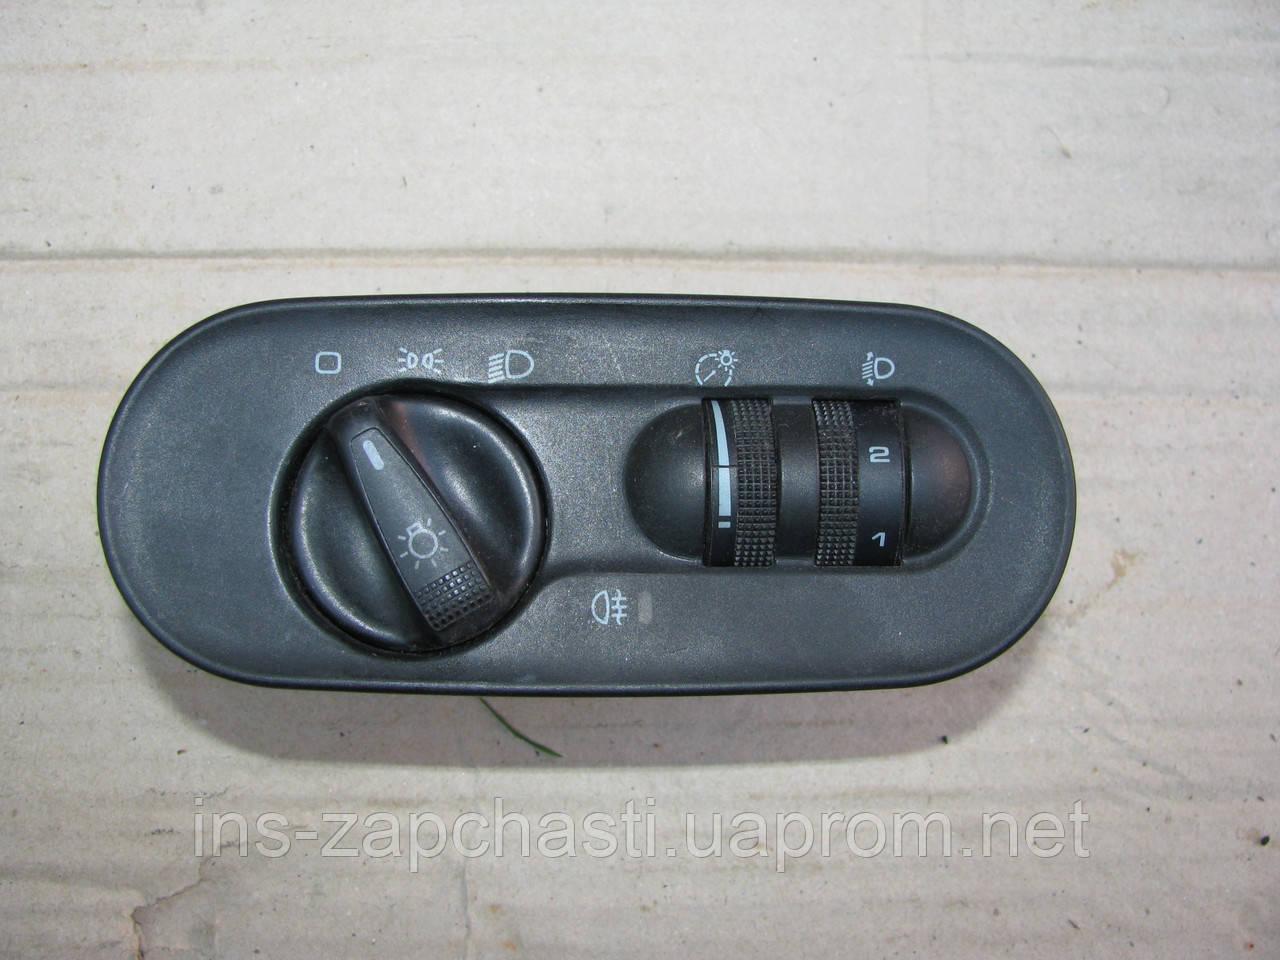 Выключатель света 7M1 941 531 D Sharan, Alhambra